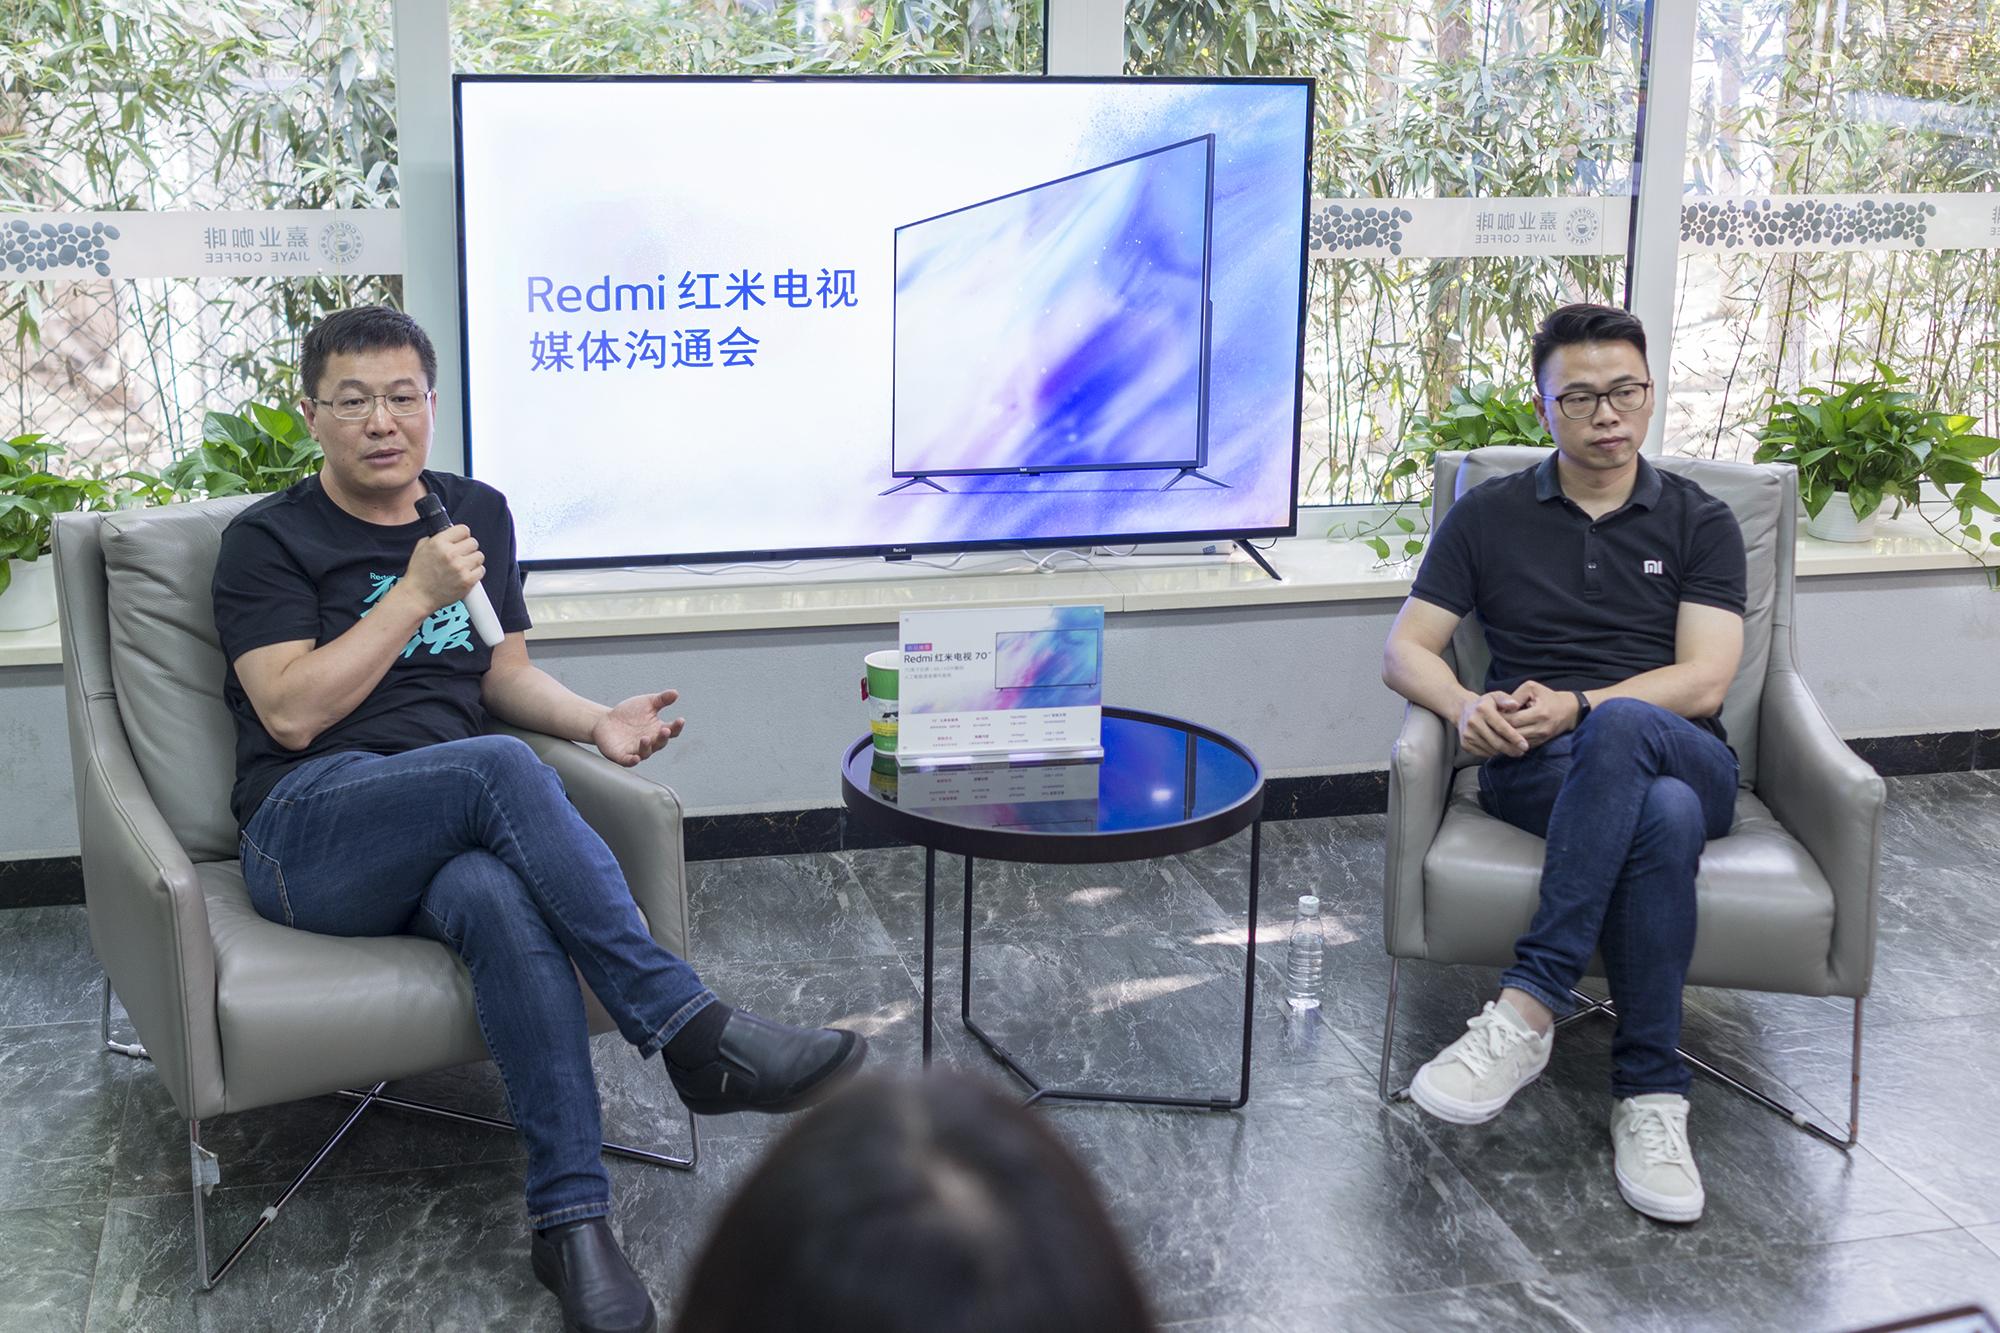 卢伟冰李肖爽谈Redmi电视:Redmi品牌不代表低价